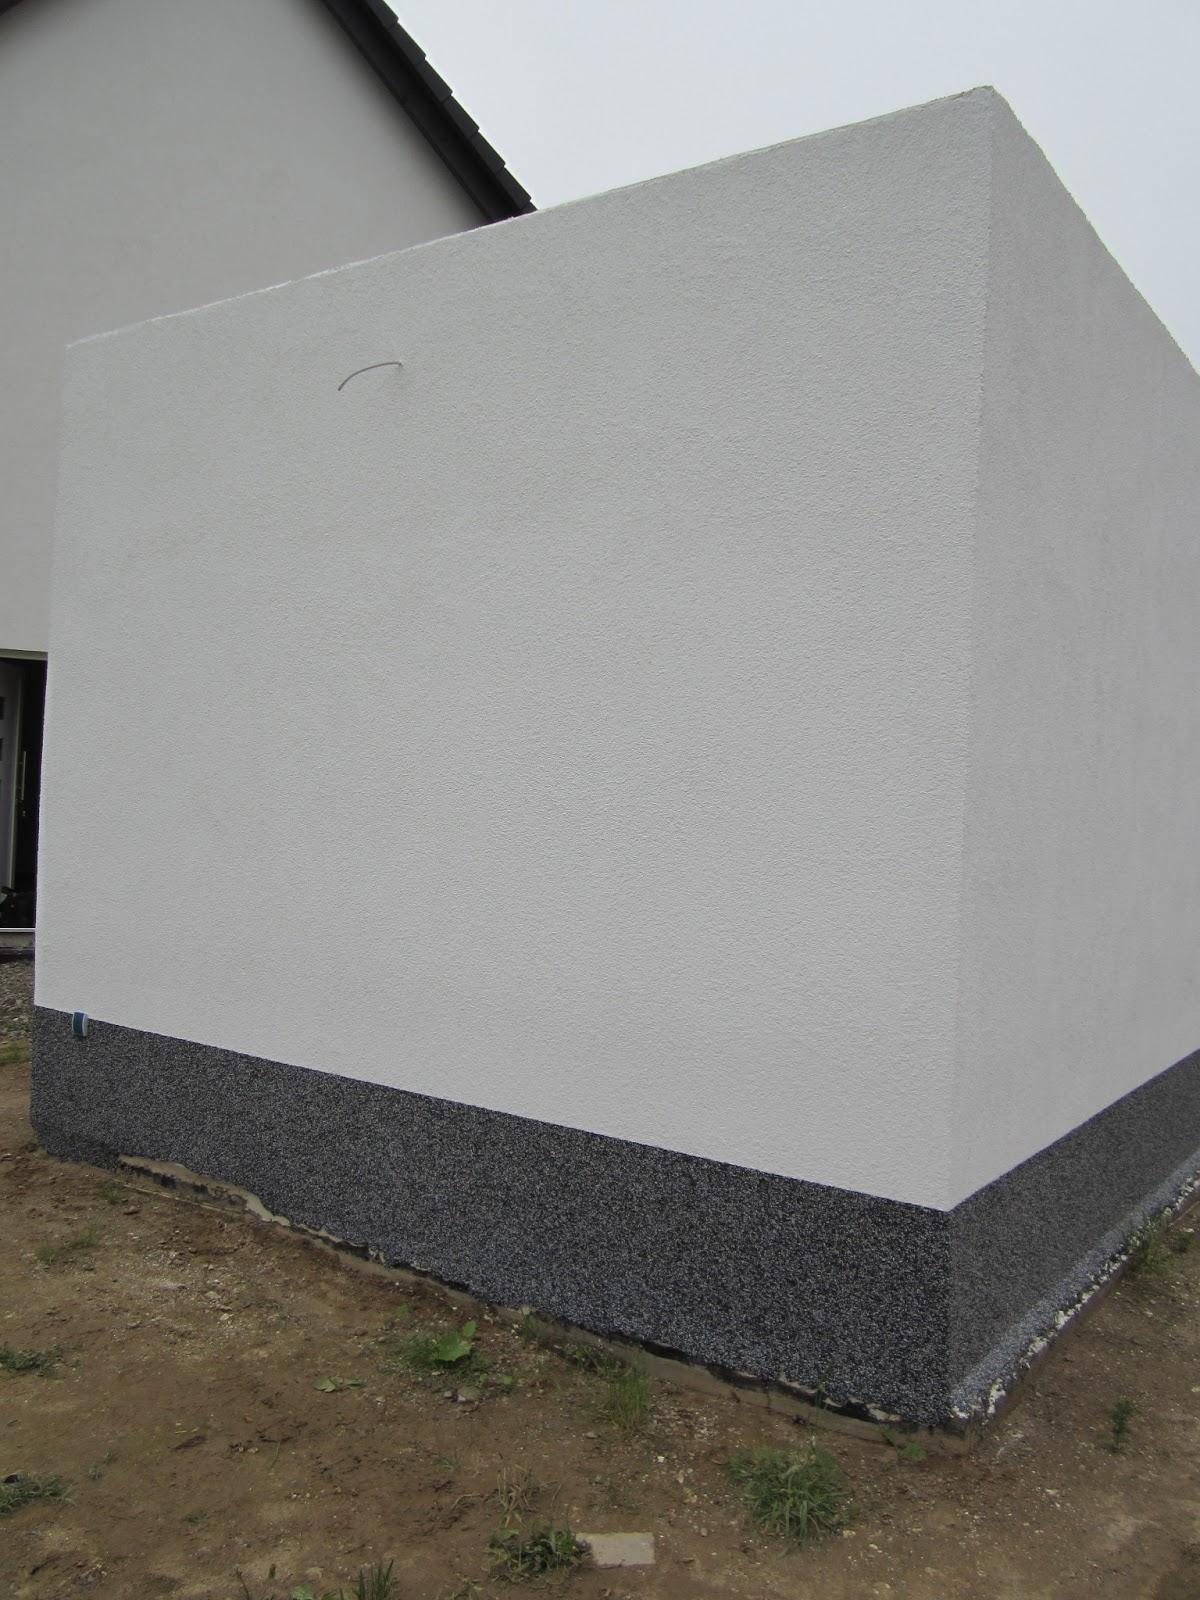 unser hausbau garage in eigenleistung aufbringen des buntsteinputzes auf der r ckseite. Black Bedroom Furniture Sets. Home Design Ideas